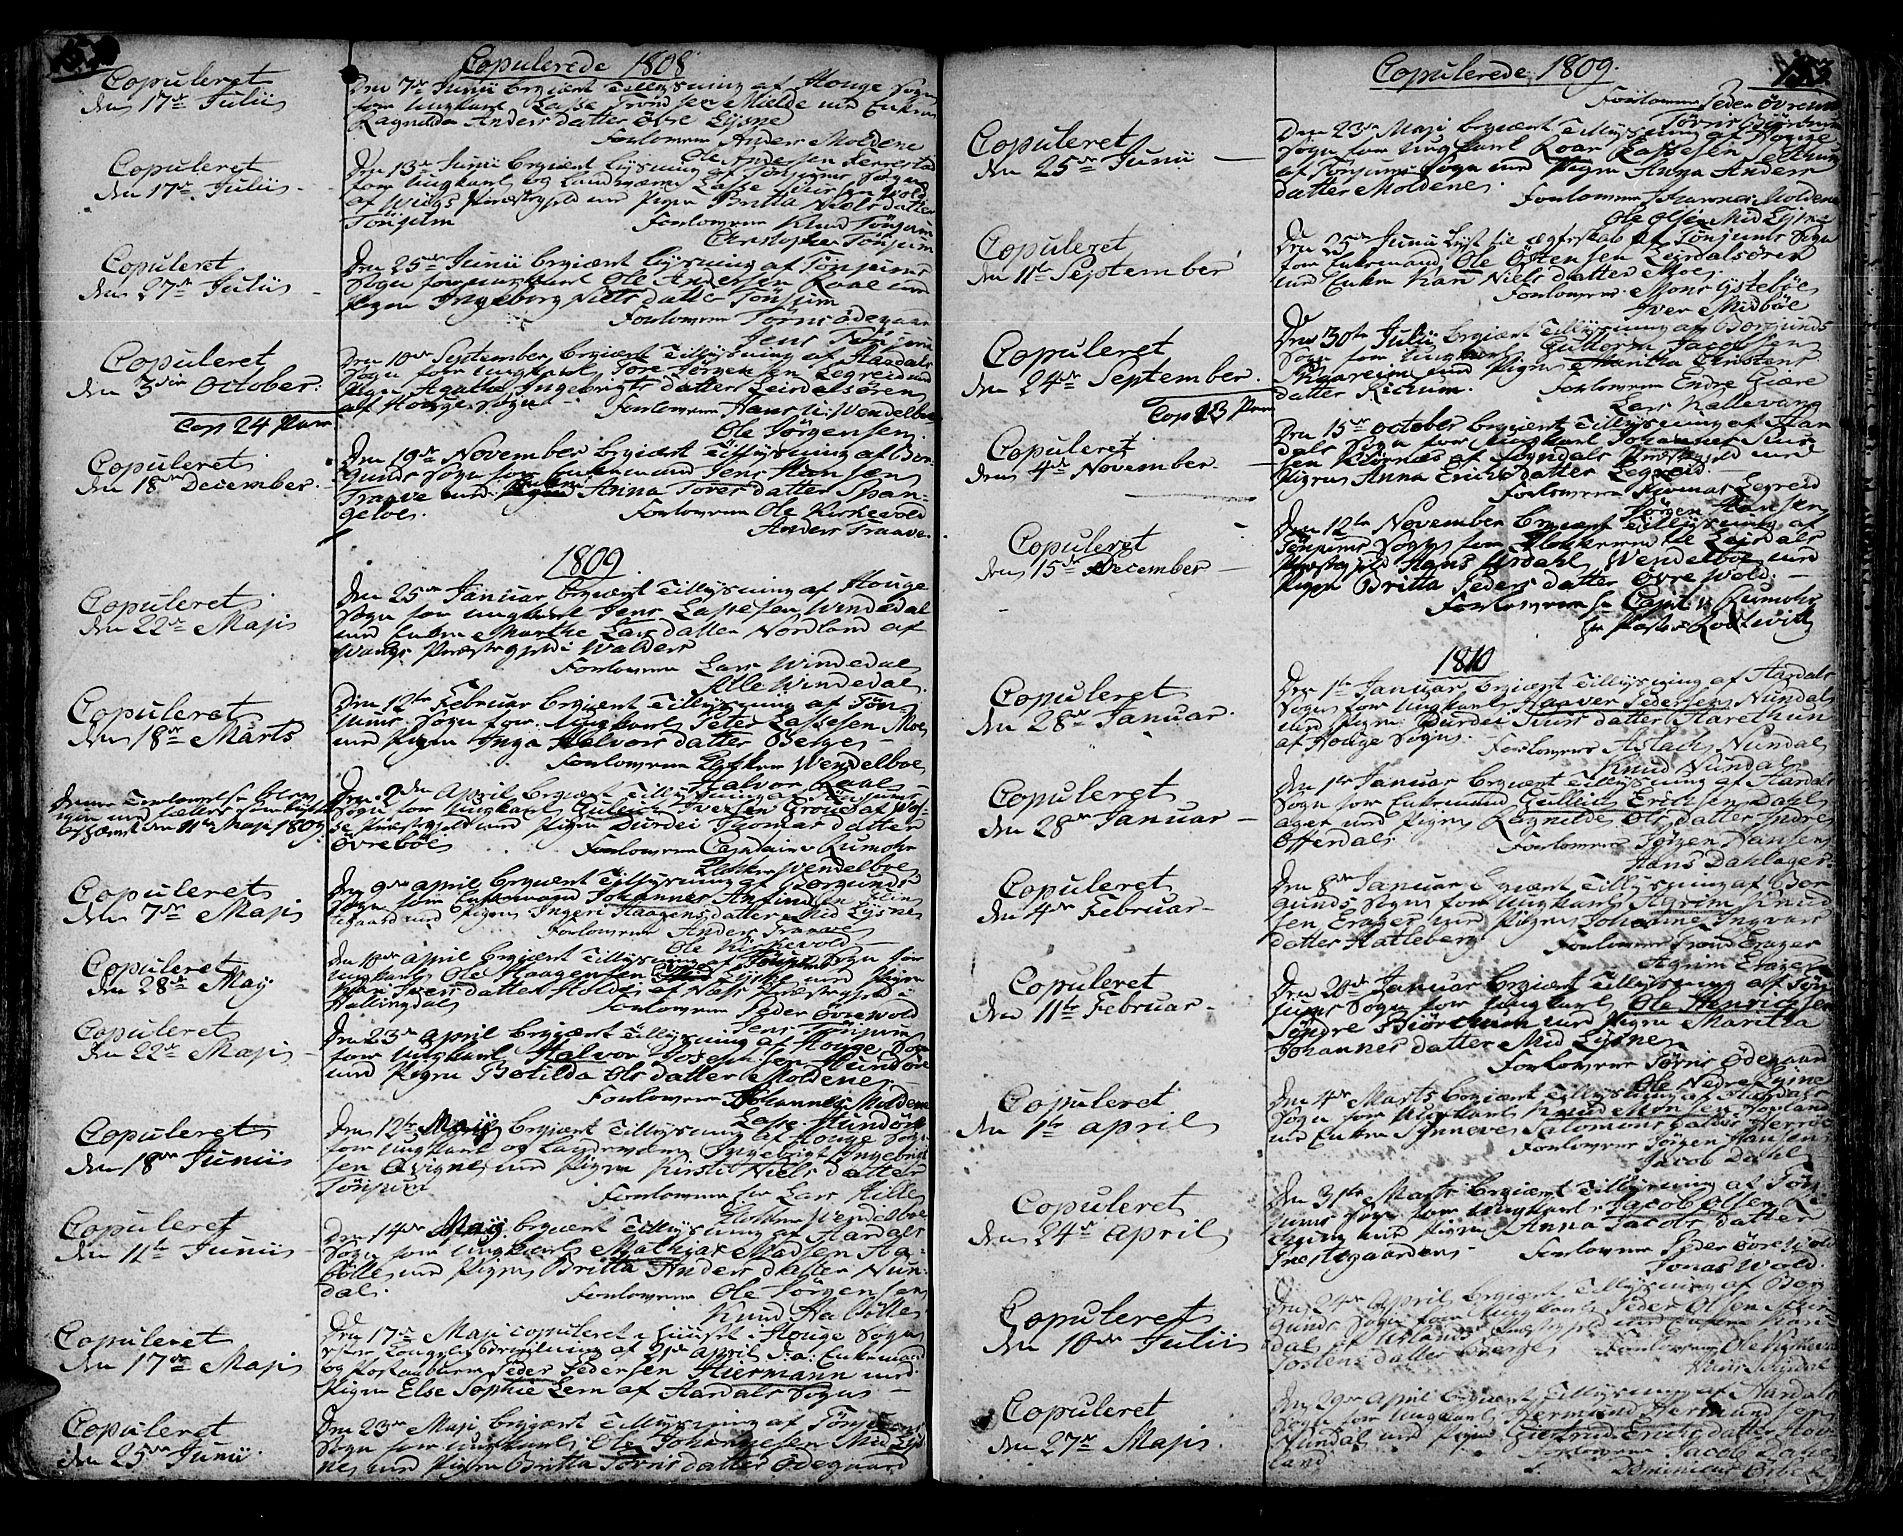 SAB, Lærdal sokneprestembete, Ministerialbok nr. A 4, 1805-1821, s. 152-153